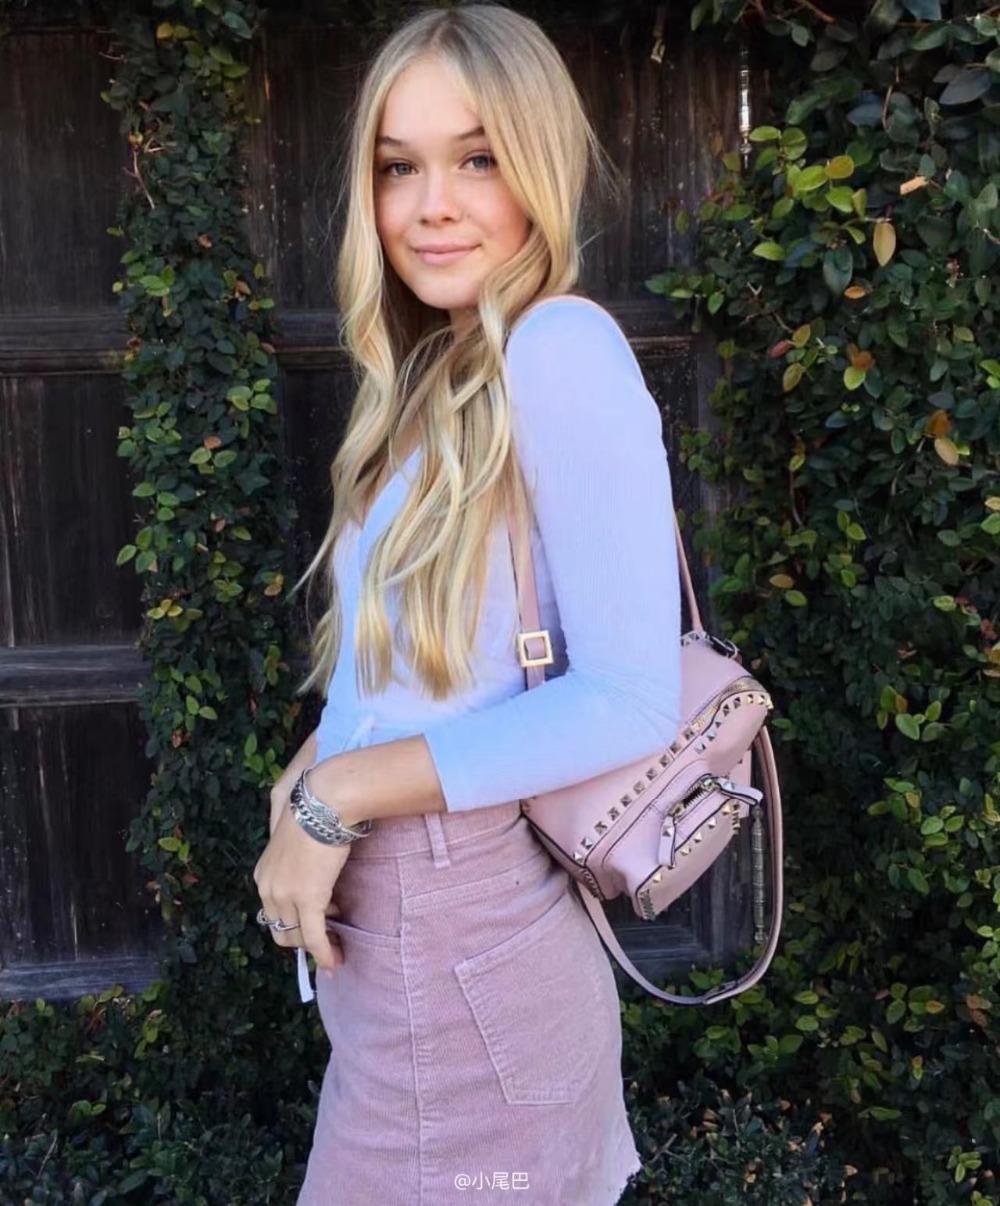 HTB1dJdCSFXXXXcHXFXXq6xXFXXXx - Pink pencil skirt zipper mini skirts womens PTC 201